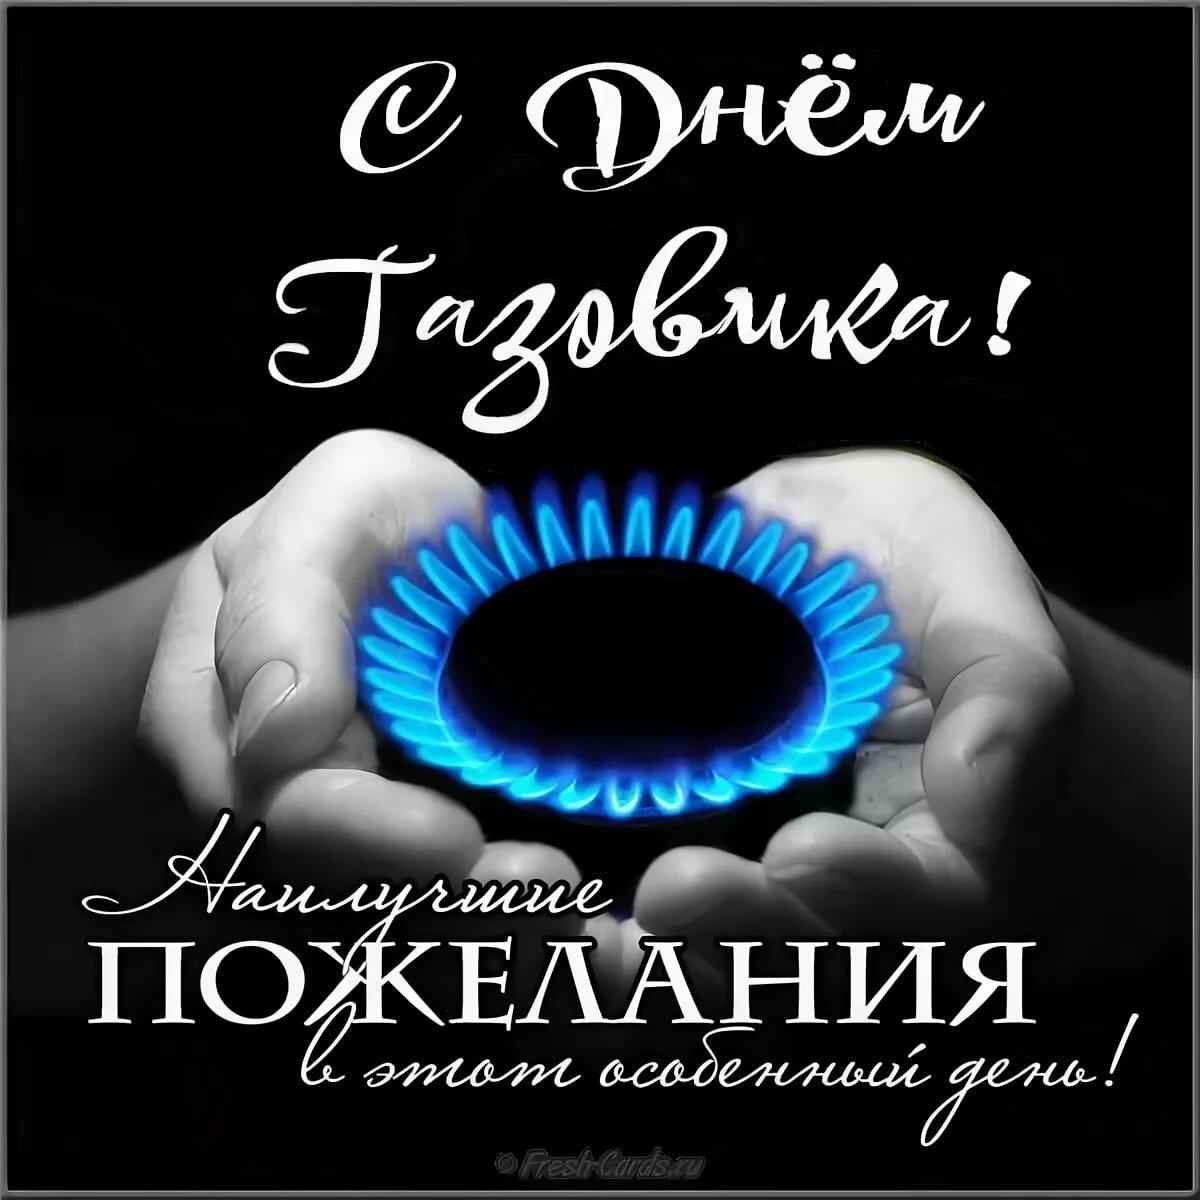 Поздравительные открытки с днем работников газовой промышленности